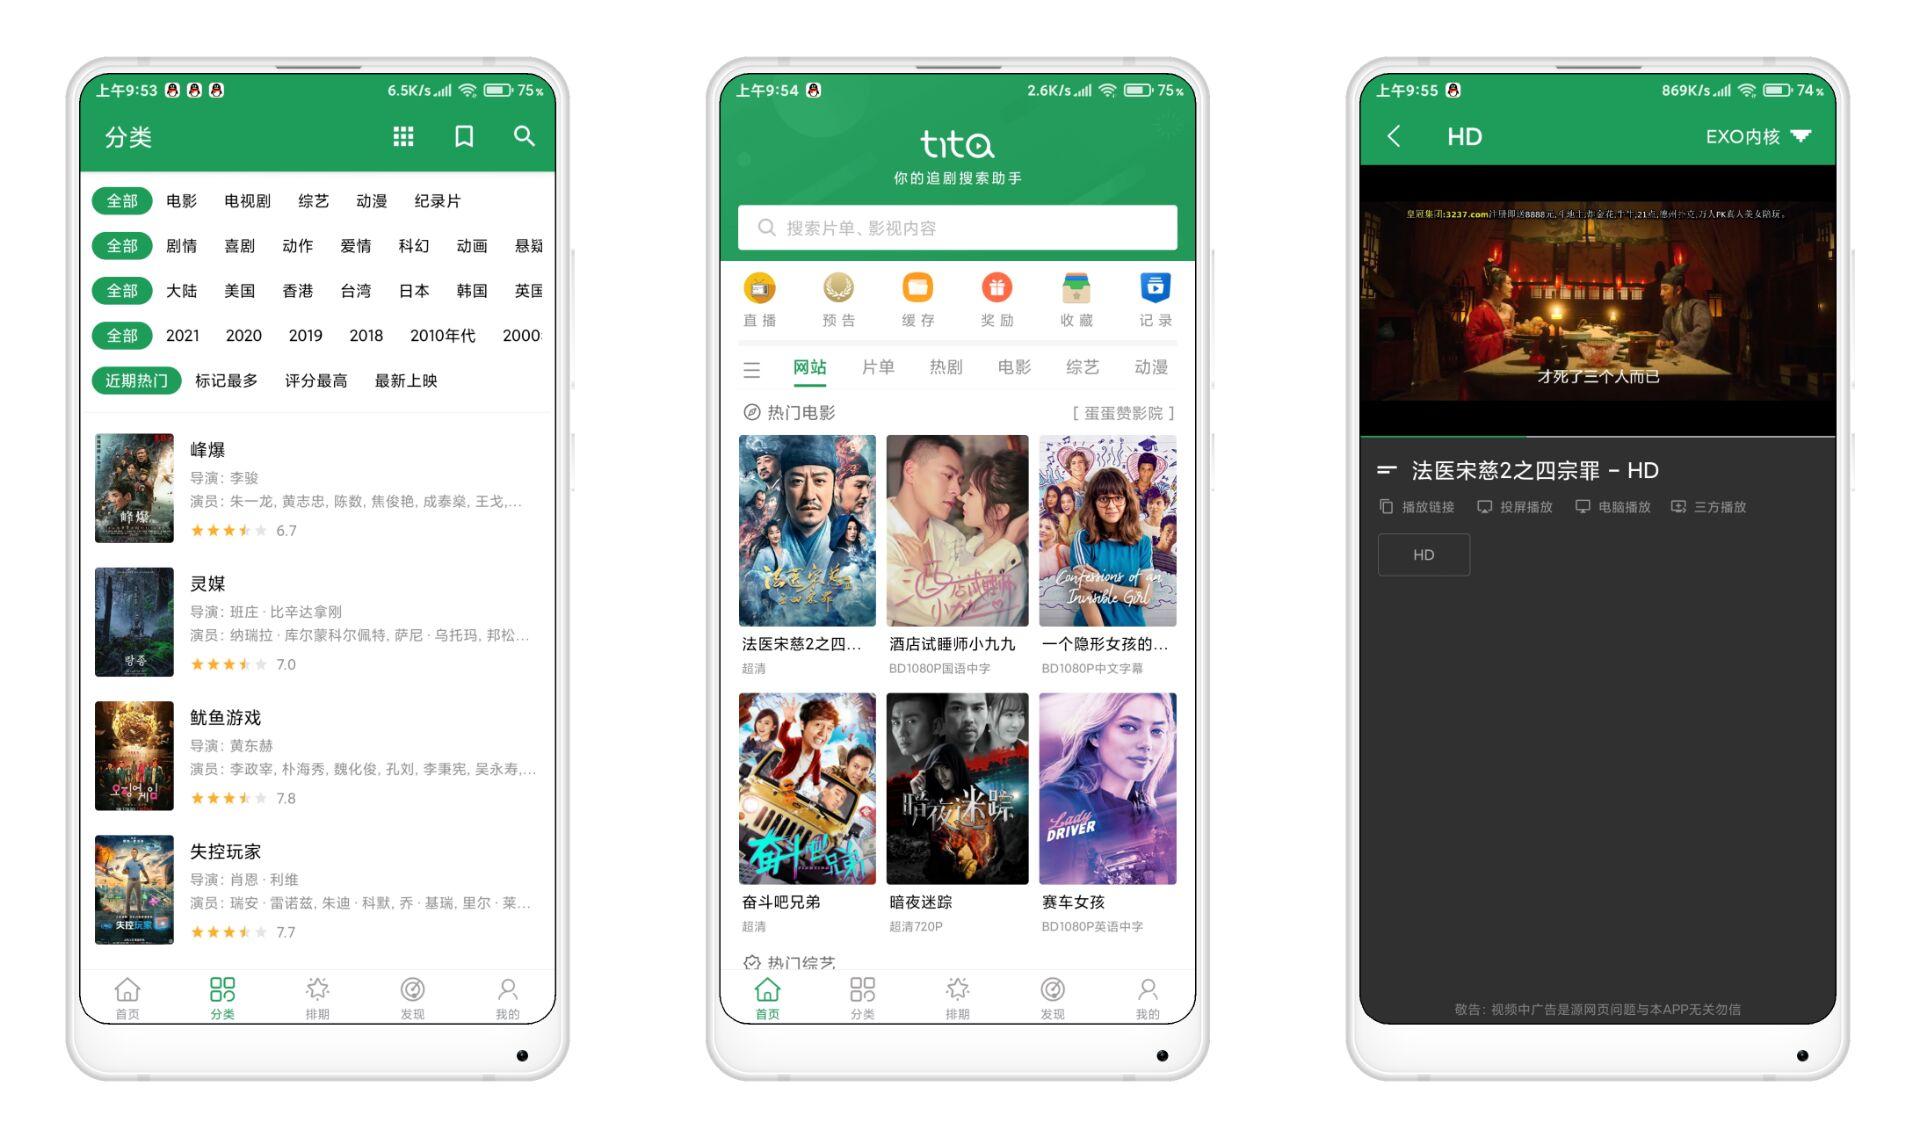 【tita搜索】手机影视软件各平台资源免费看